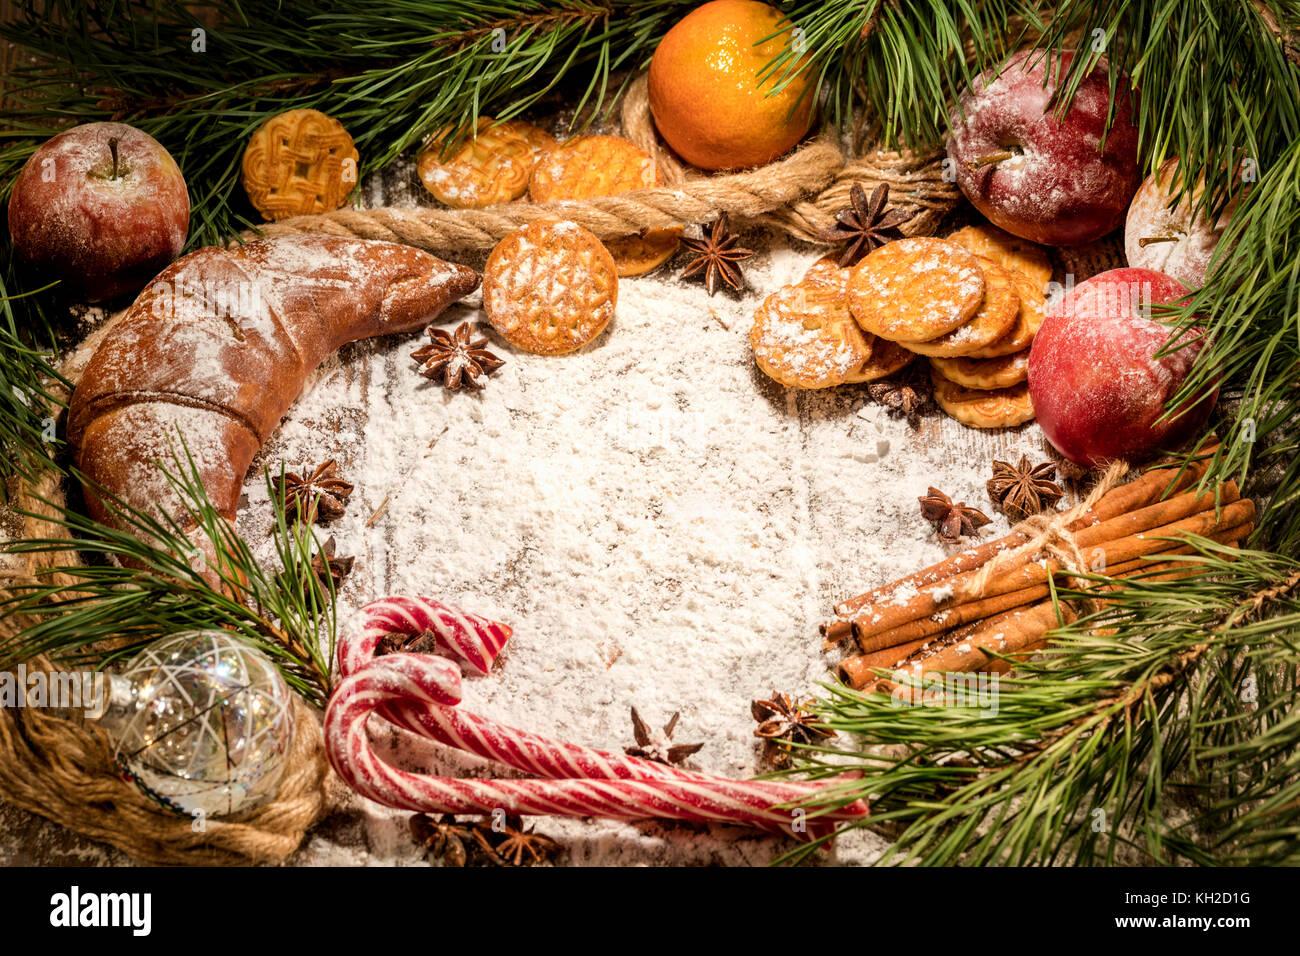 Navidad bodegón con dulces y frutas bajo el árbol de Navidad Imagen De Stock